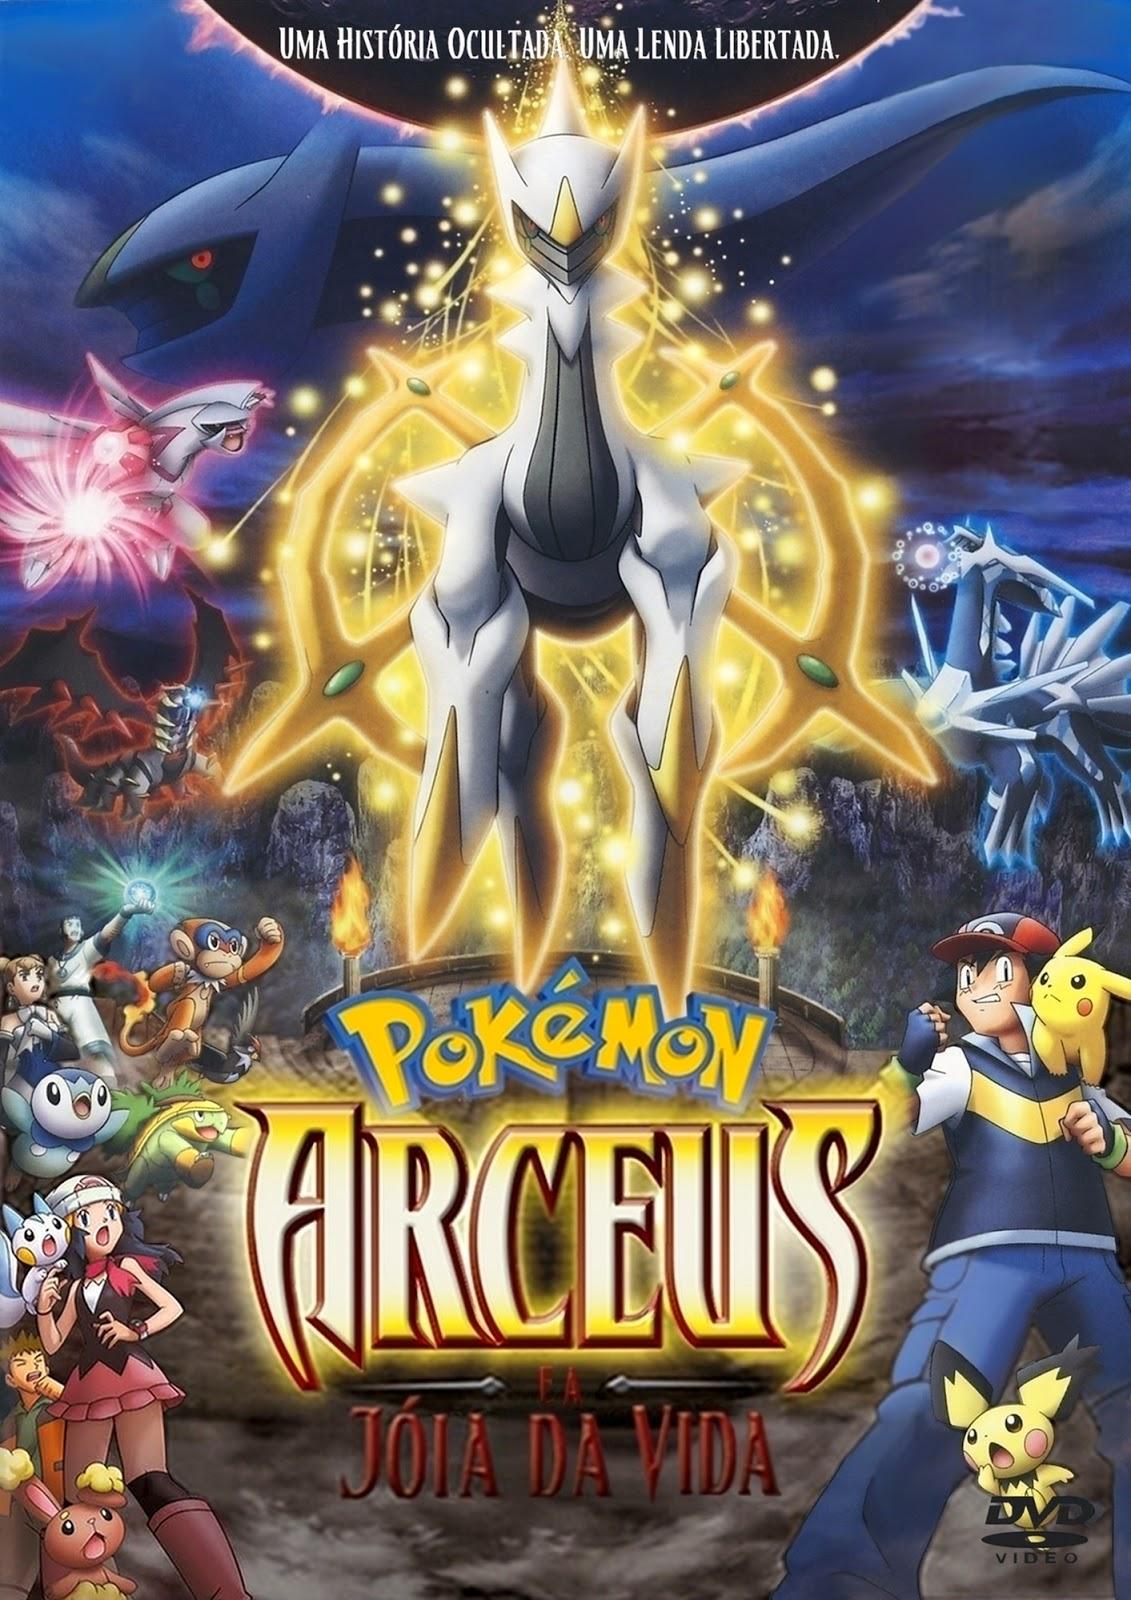 Pokémon 12: Arceus e a Jóia da Vida – Dublado (2009)